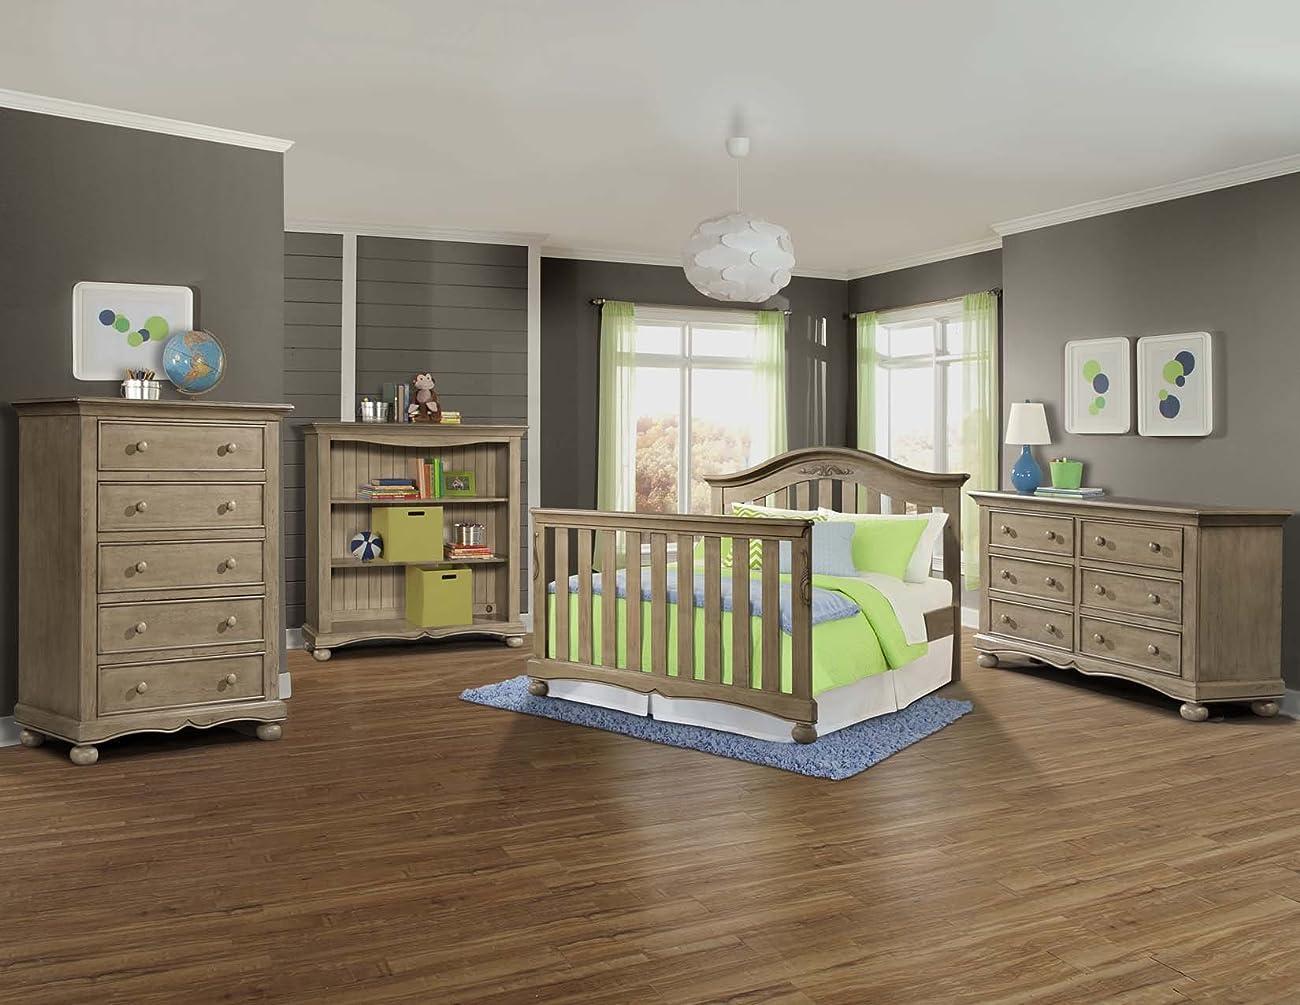 Westwood Design Meadowdale 4-in-1 Convertible Crib, Vintage 2